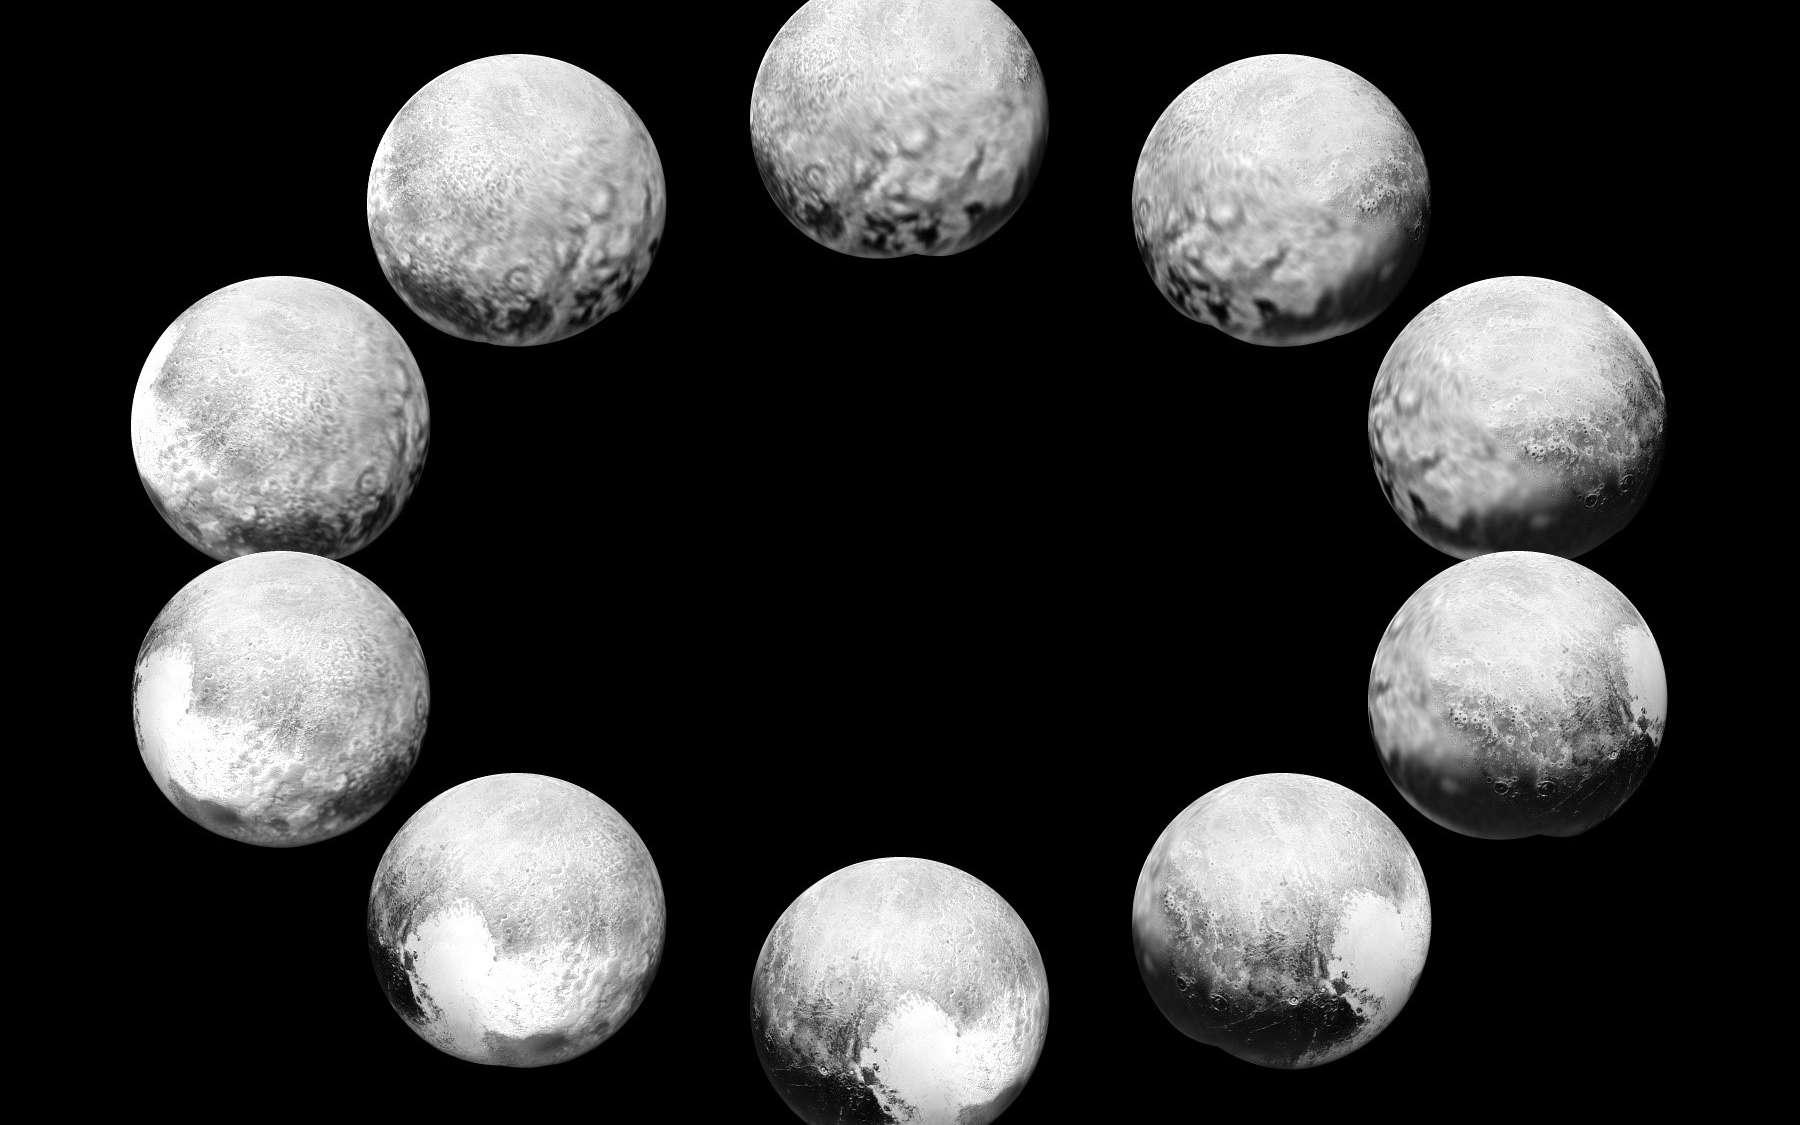 Une rotation complète de Pluton, un jour plutonien, soit 6,4 jours. À mesure que New Horizons se rapproche, la résolution s'améliore. Seulement de passage, la sonde a survolé au plus près, le 14 juillet, la tache claire en forme de cœur : Tombaugh regio visible ici en bas du cadran. L'image composite à 3 h a été prise le 7 juillet à 8 millions de km et celle à 6 h, correspondant à l'« hémisphère de rencontre », le 14 juillet. © Nasa, JHUAPL, SwRI